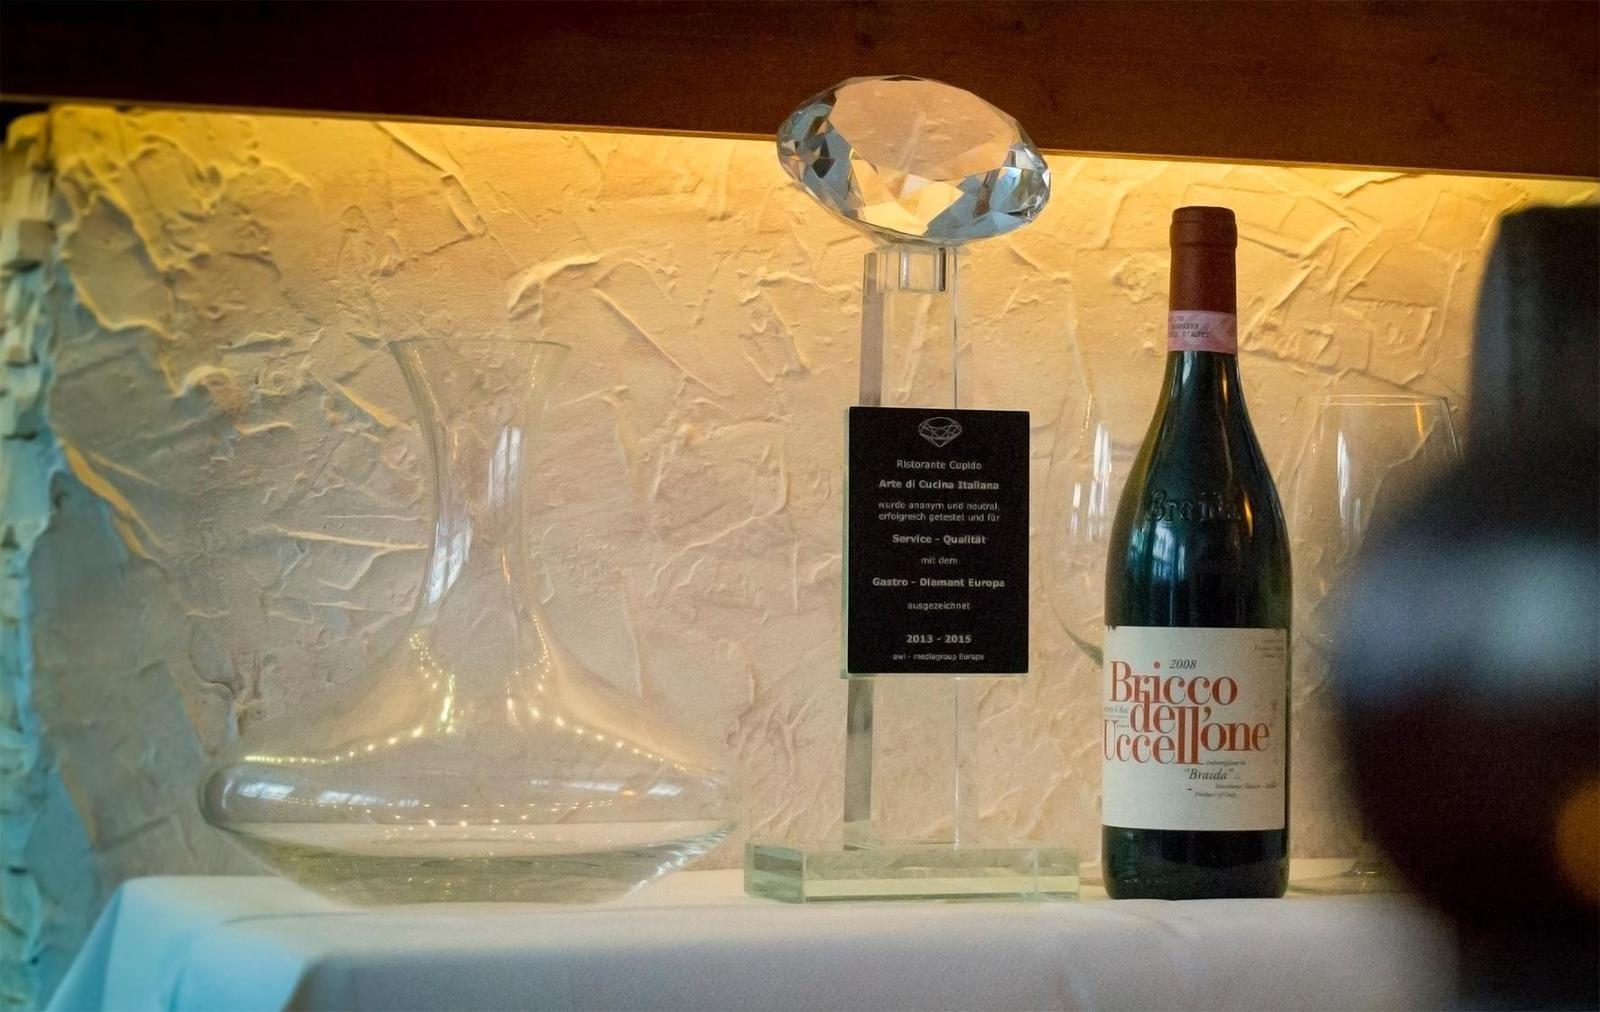 Wir lieben italienischen Wein ueber alles. Du bestimmt auch ?!    Cupido - italienisches Feinschmecker Restaurant in Muenchen   www.r-cupido.de #Cupido #Retaurant #Feinschmecker #Muenchen #Lehel #Italiener #italienisches #Pasta #Antipasti #Pizza #Italien #Businesslunch #PUSH2HIT